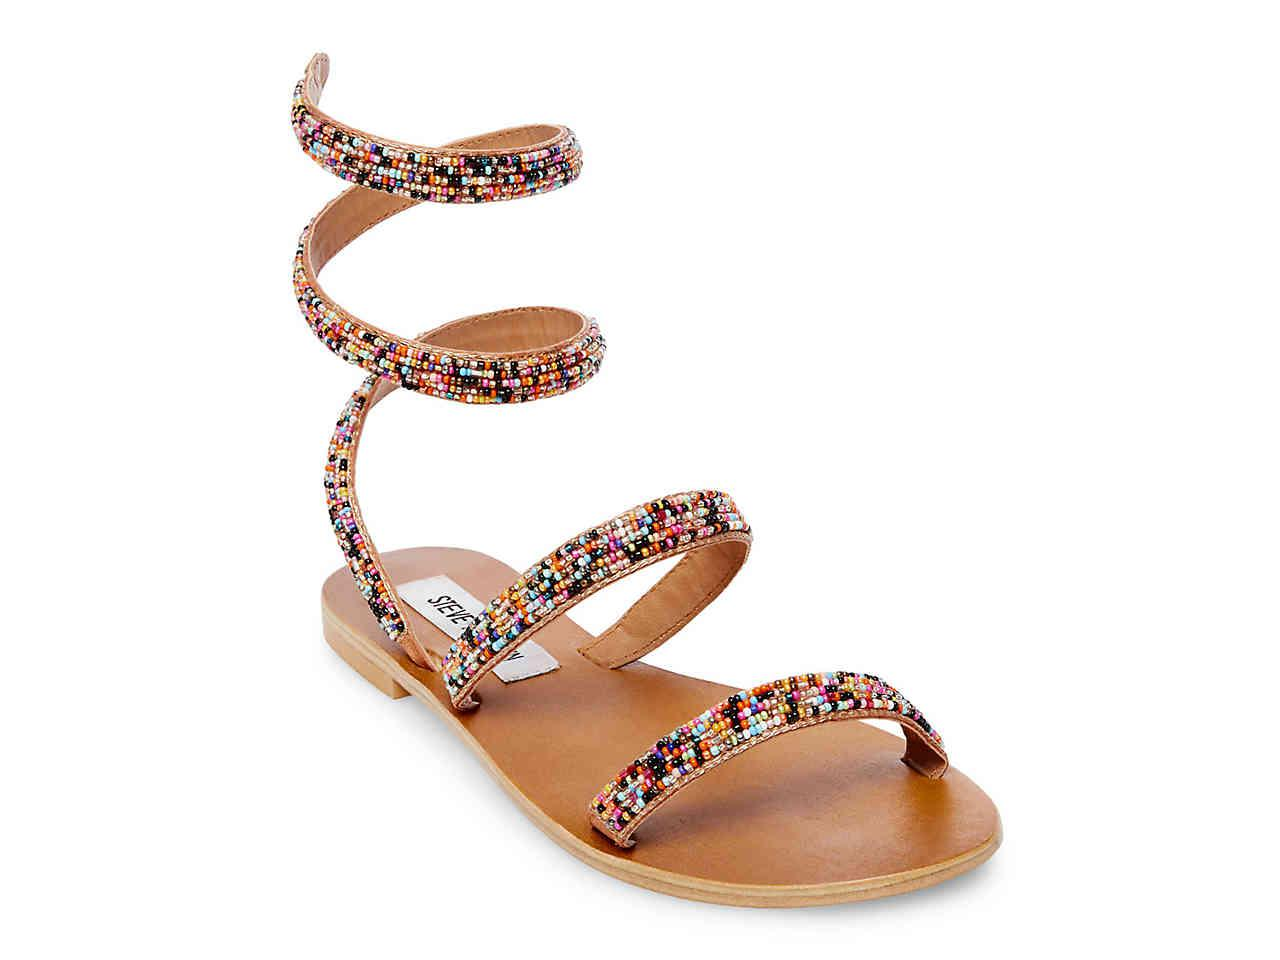 76cd82569 Lyst - Steve Madden Garnish Sandal in Metallic